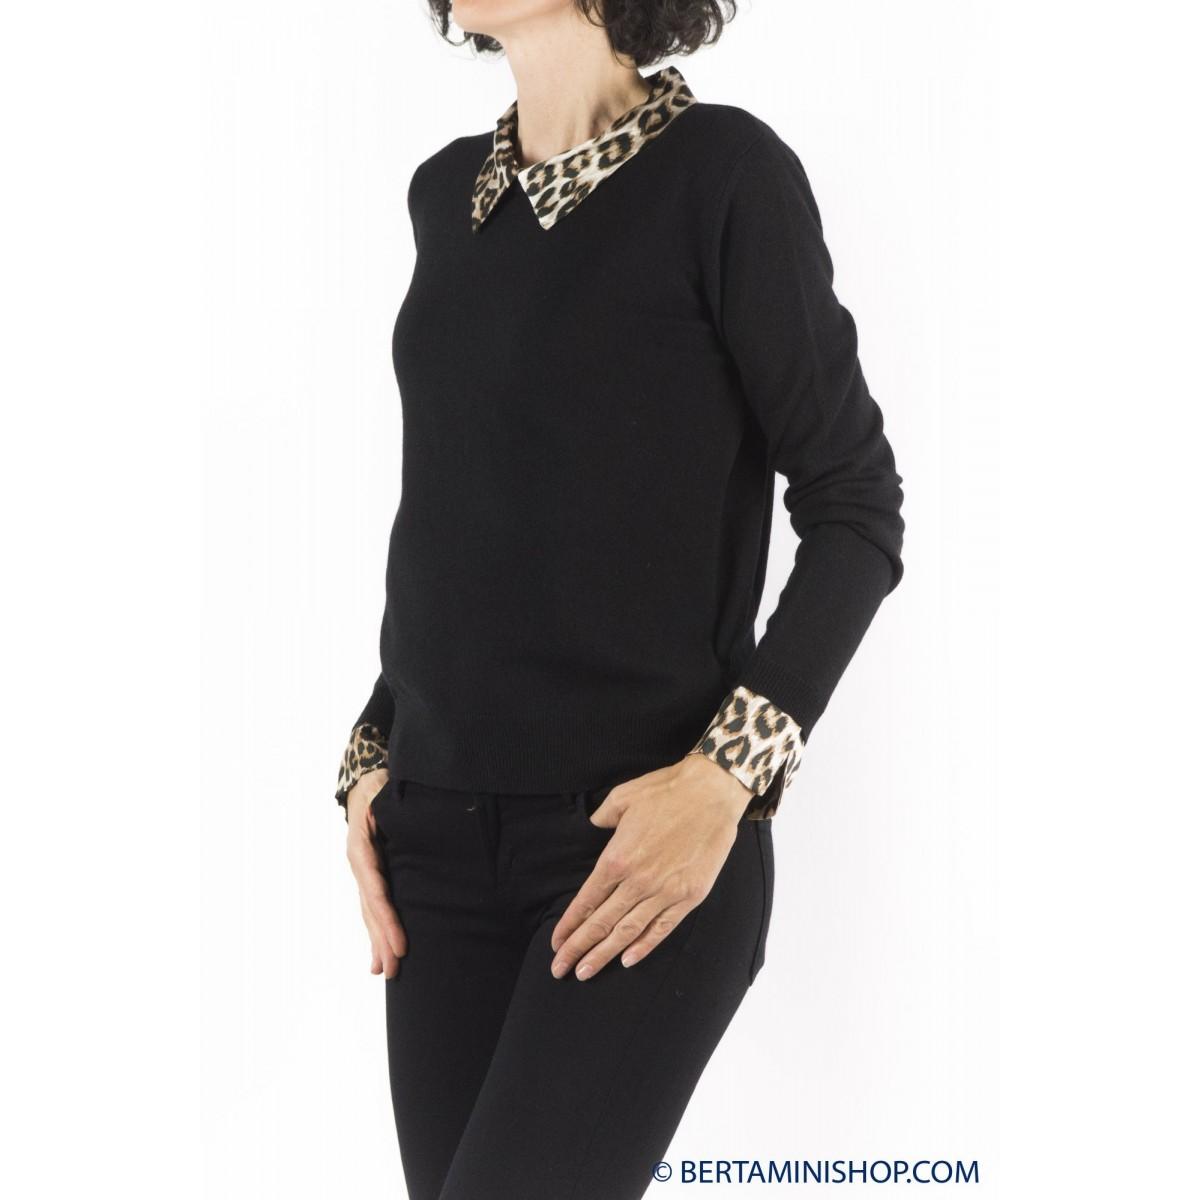 Sweatshirt Jucca Frauen - 1066